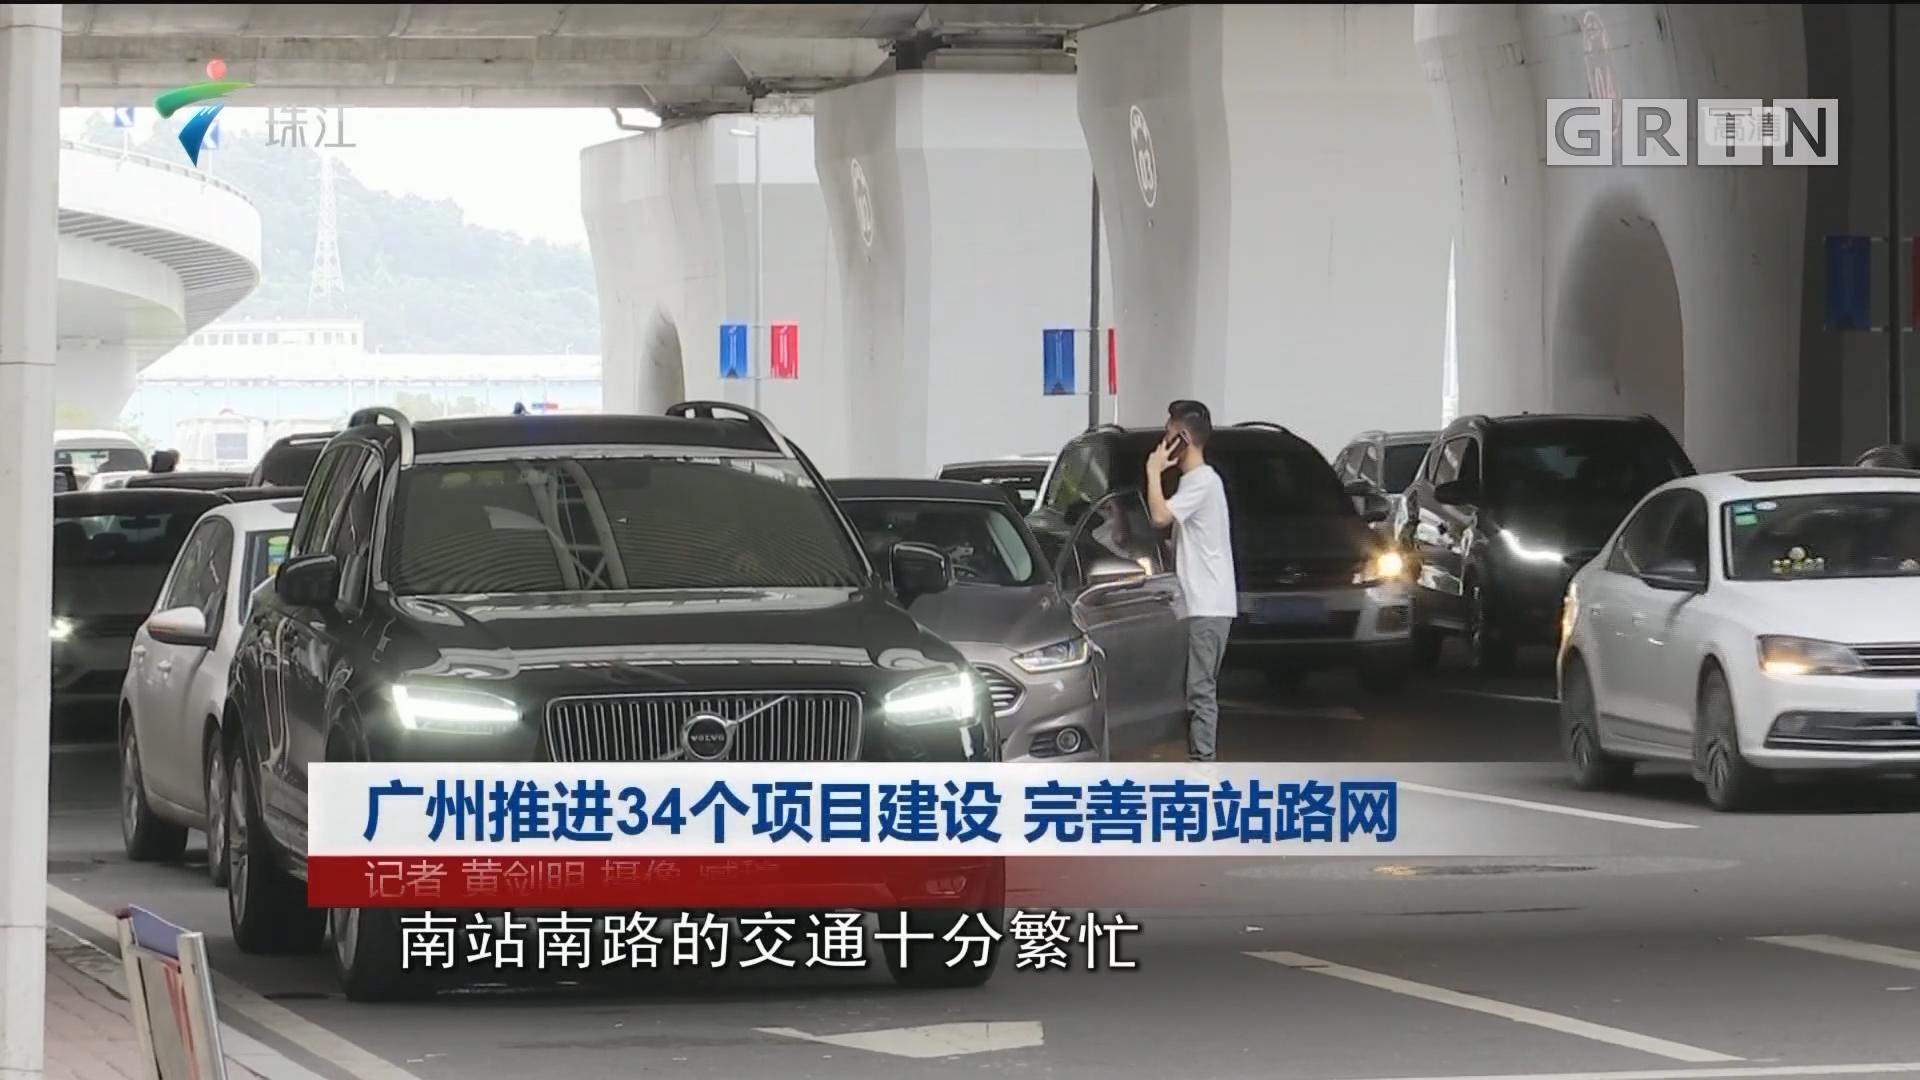 广州推进34个项目建设 完善南站路网